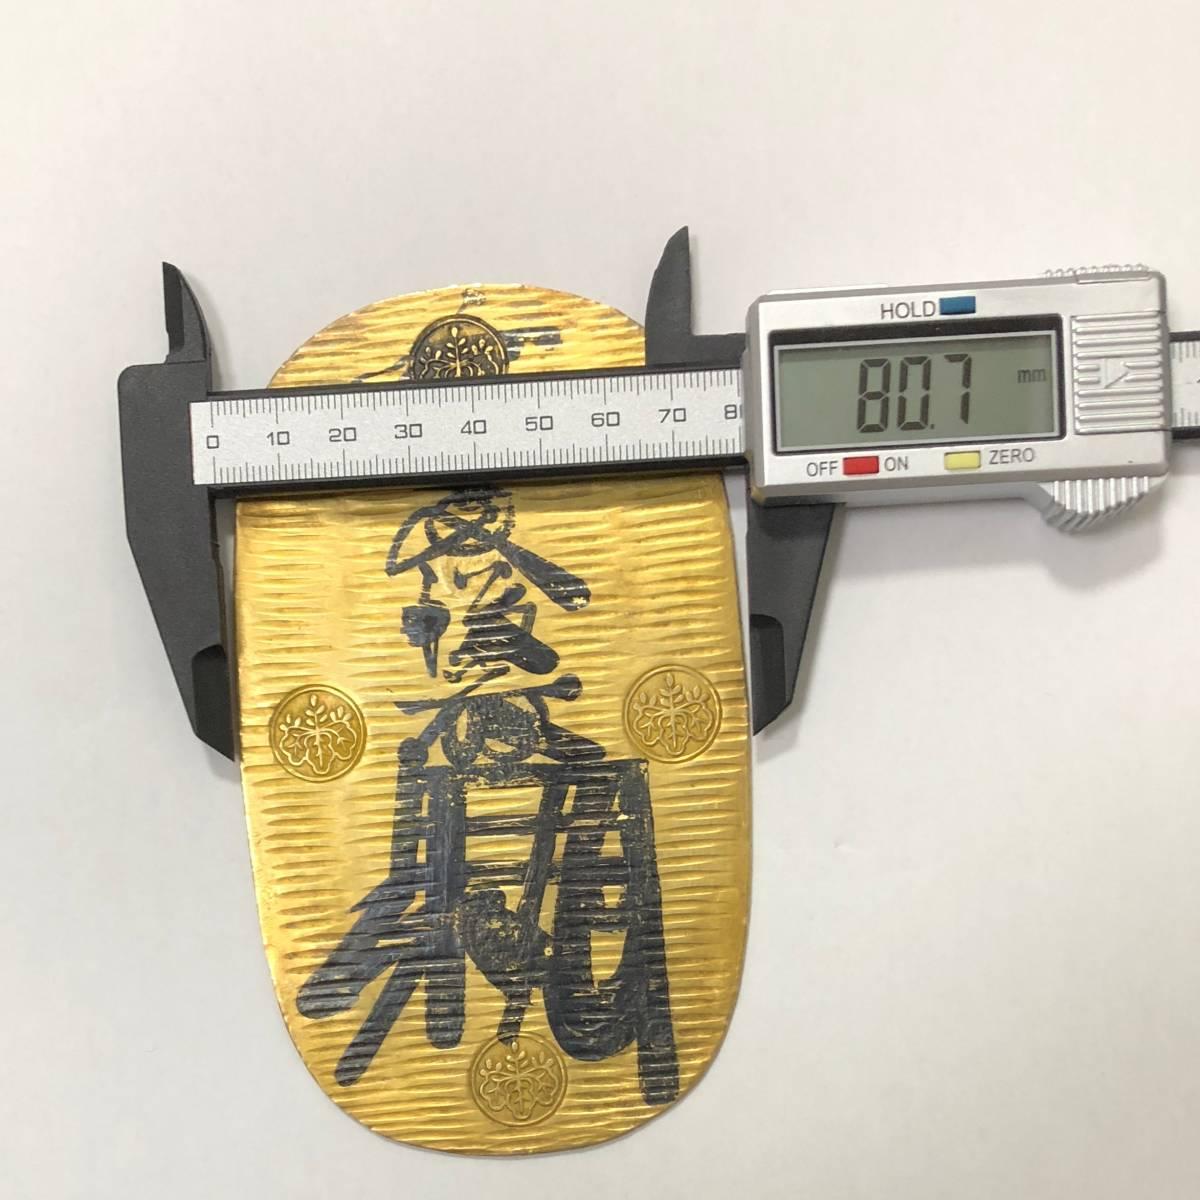 万延大判金 112.626g Gold46.1% 古銭 金貨 骨董 小判_画像10